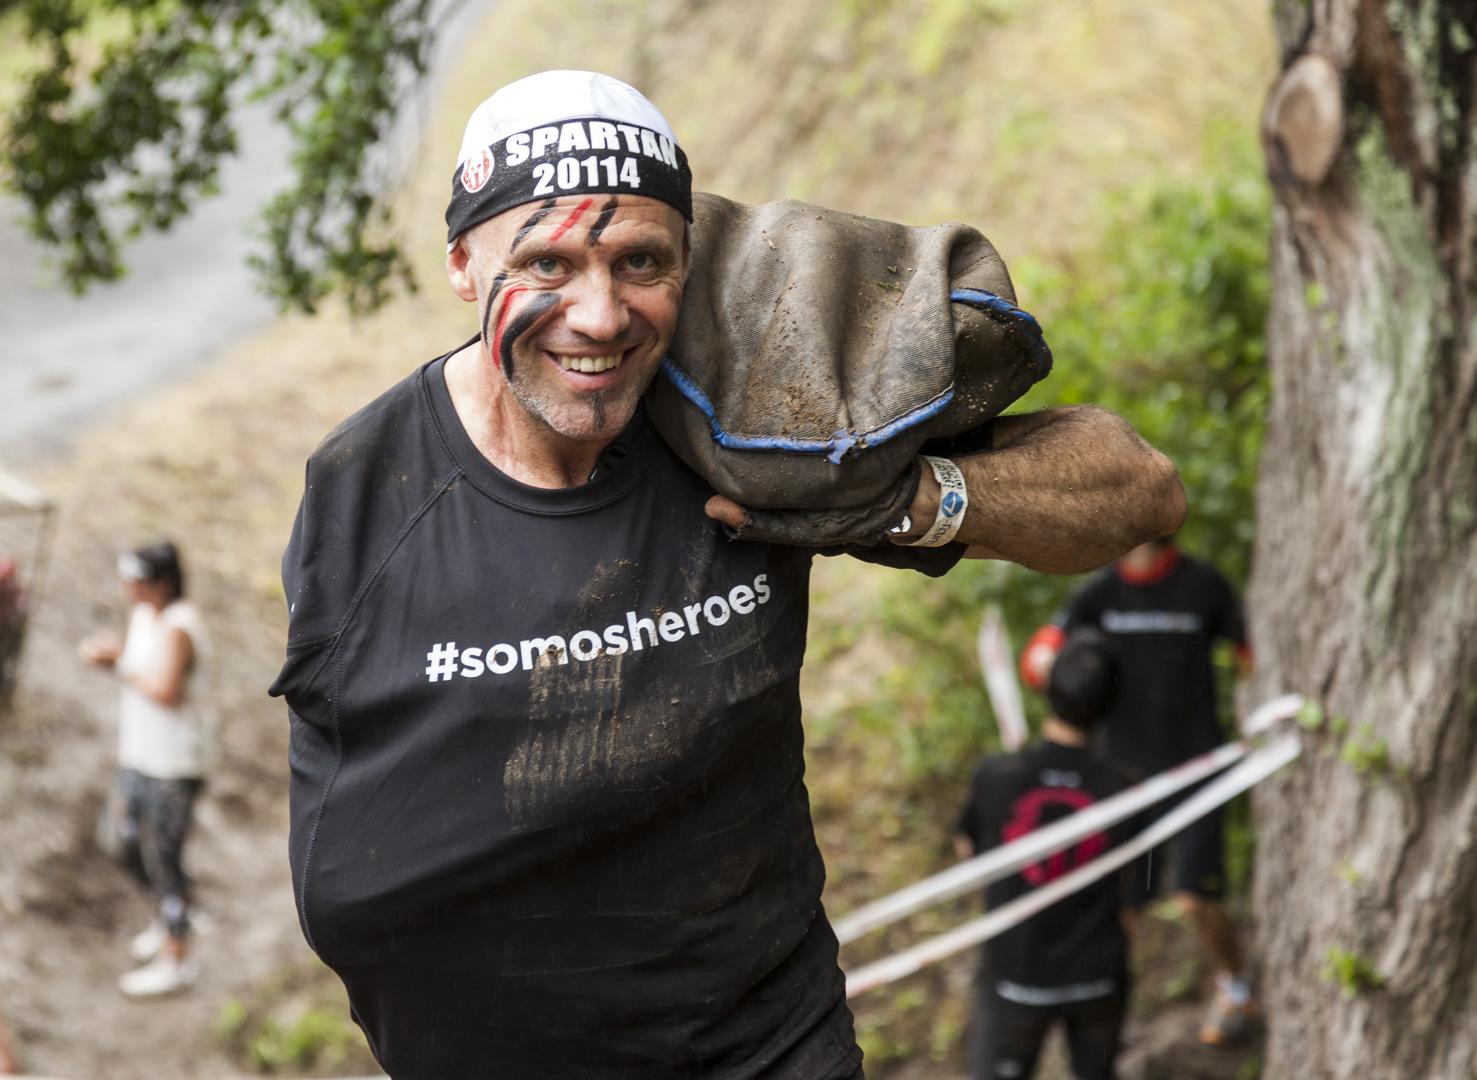 Jorge Orejón, integrante de #somosheroes en plena Spartan Race.